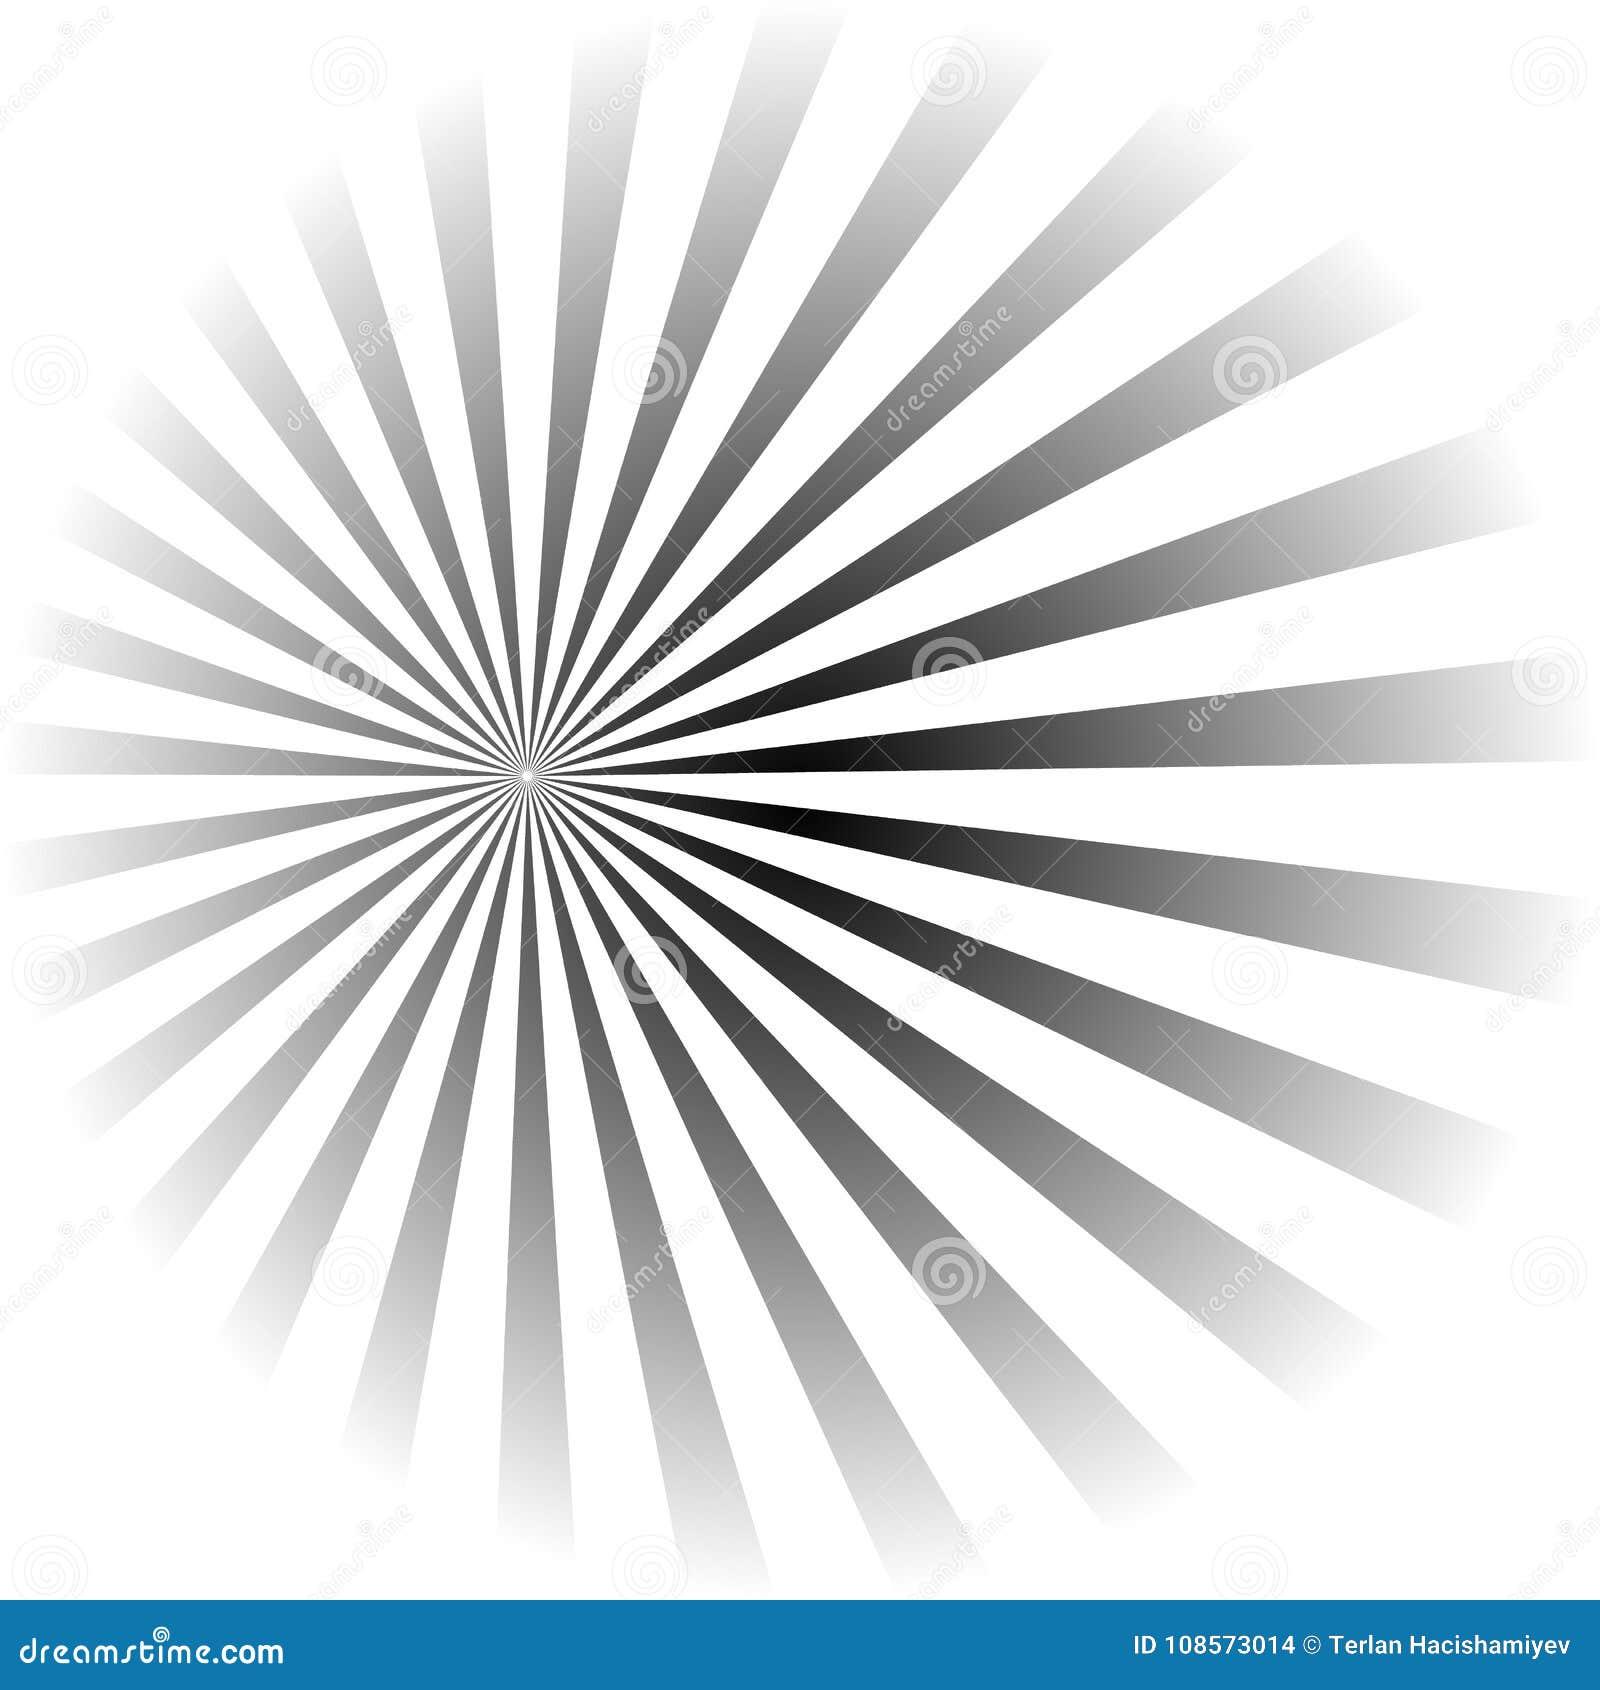 Η Psychedelic σπείρα με τις ακτινωτές ακτίνες, twirl, έστριψε την κωμική επίδραση, υπόβαθρα δίνης